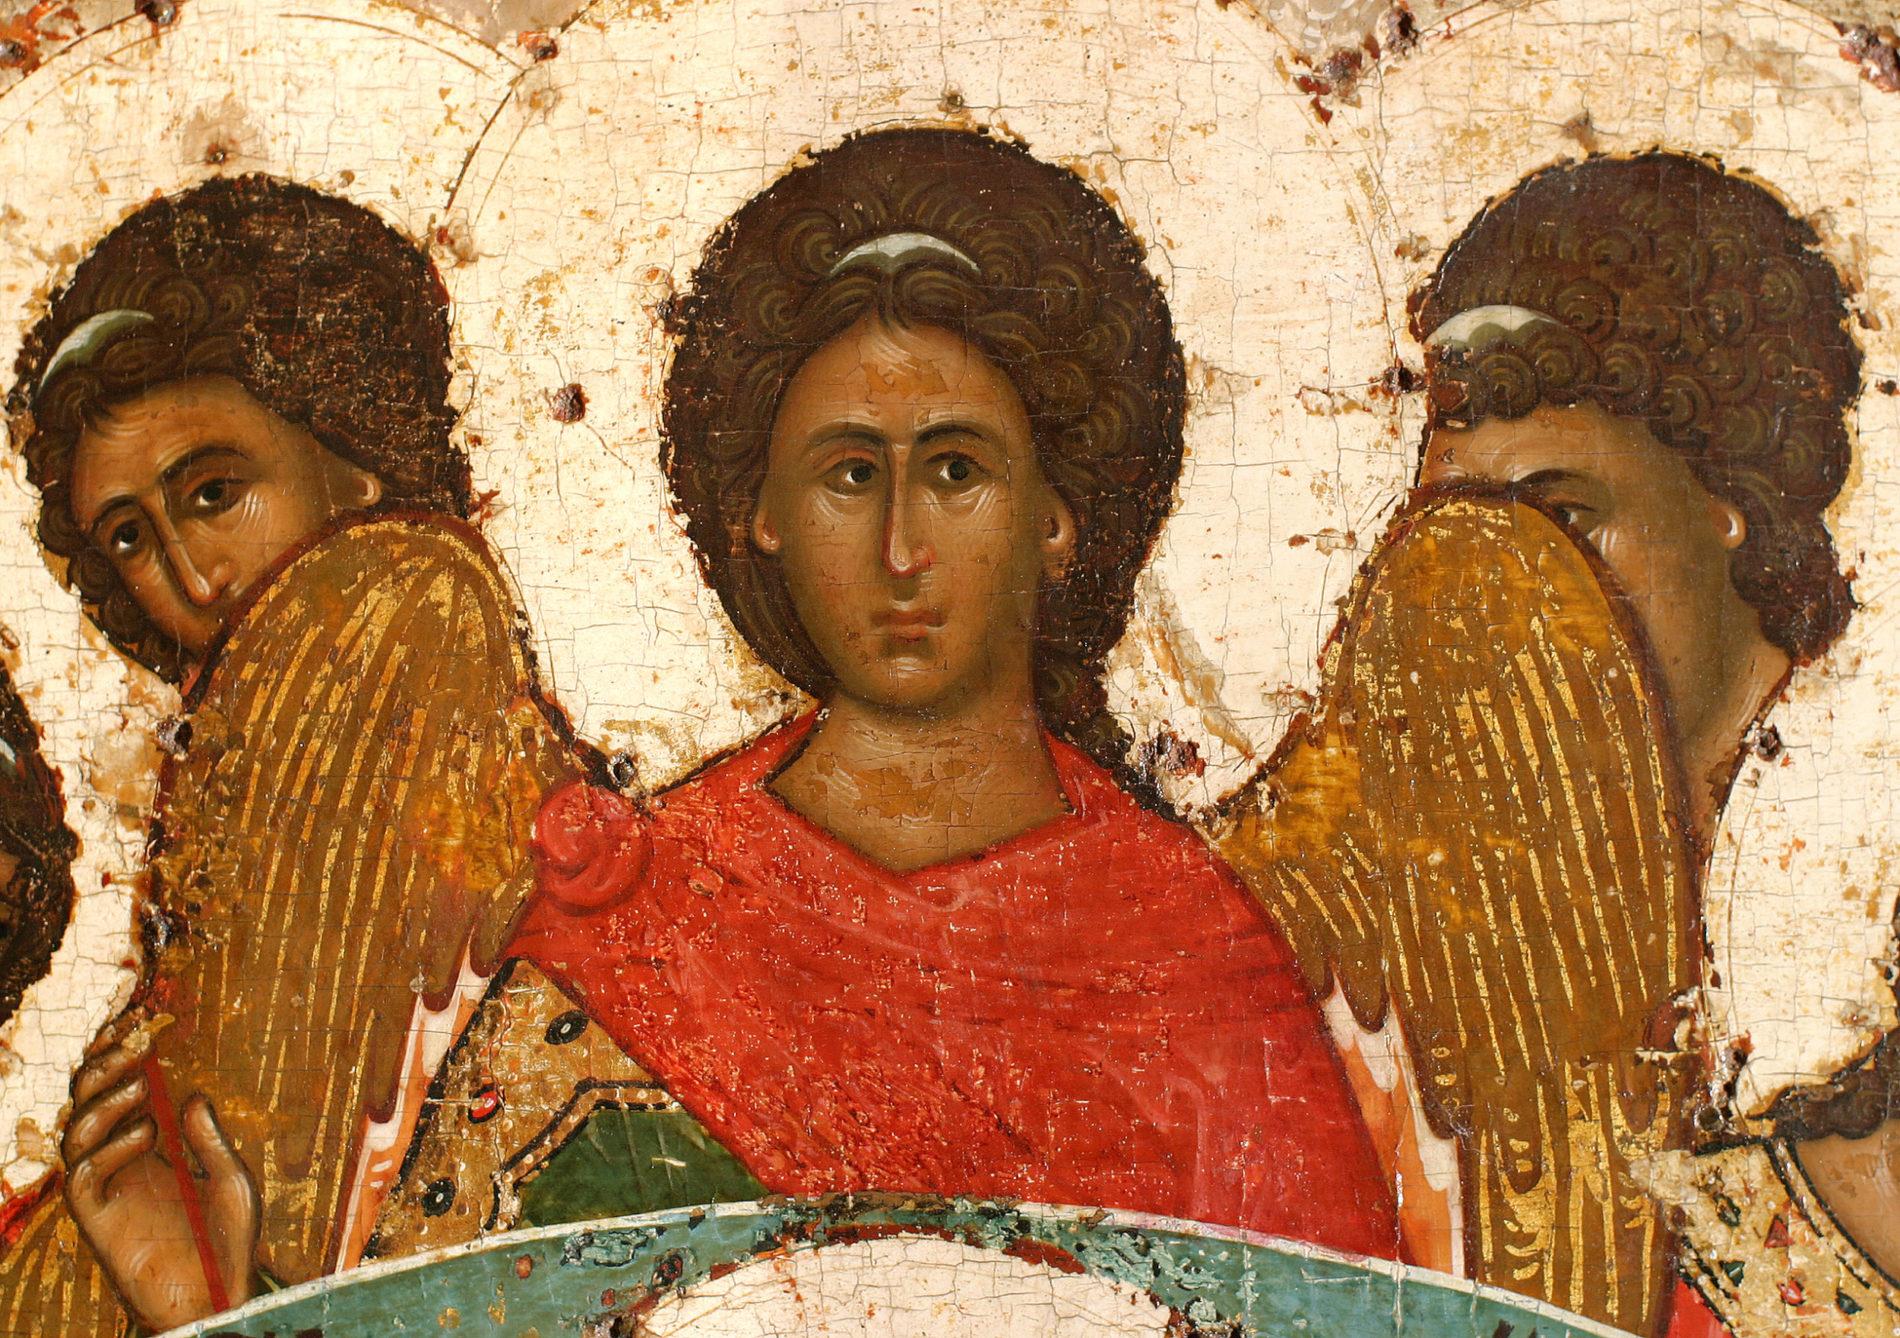 ანგელოზები არ ქორწინდებიან, არიან უსქესონი